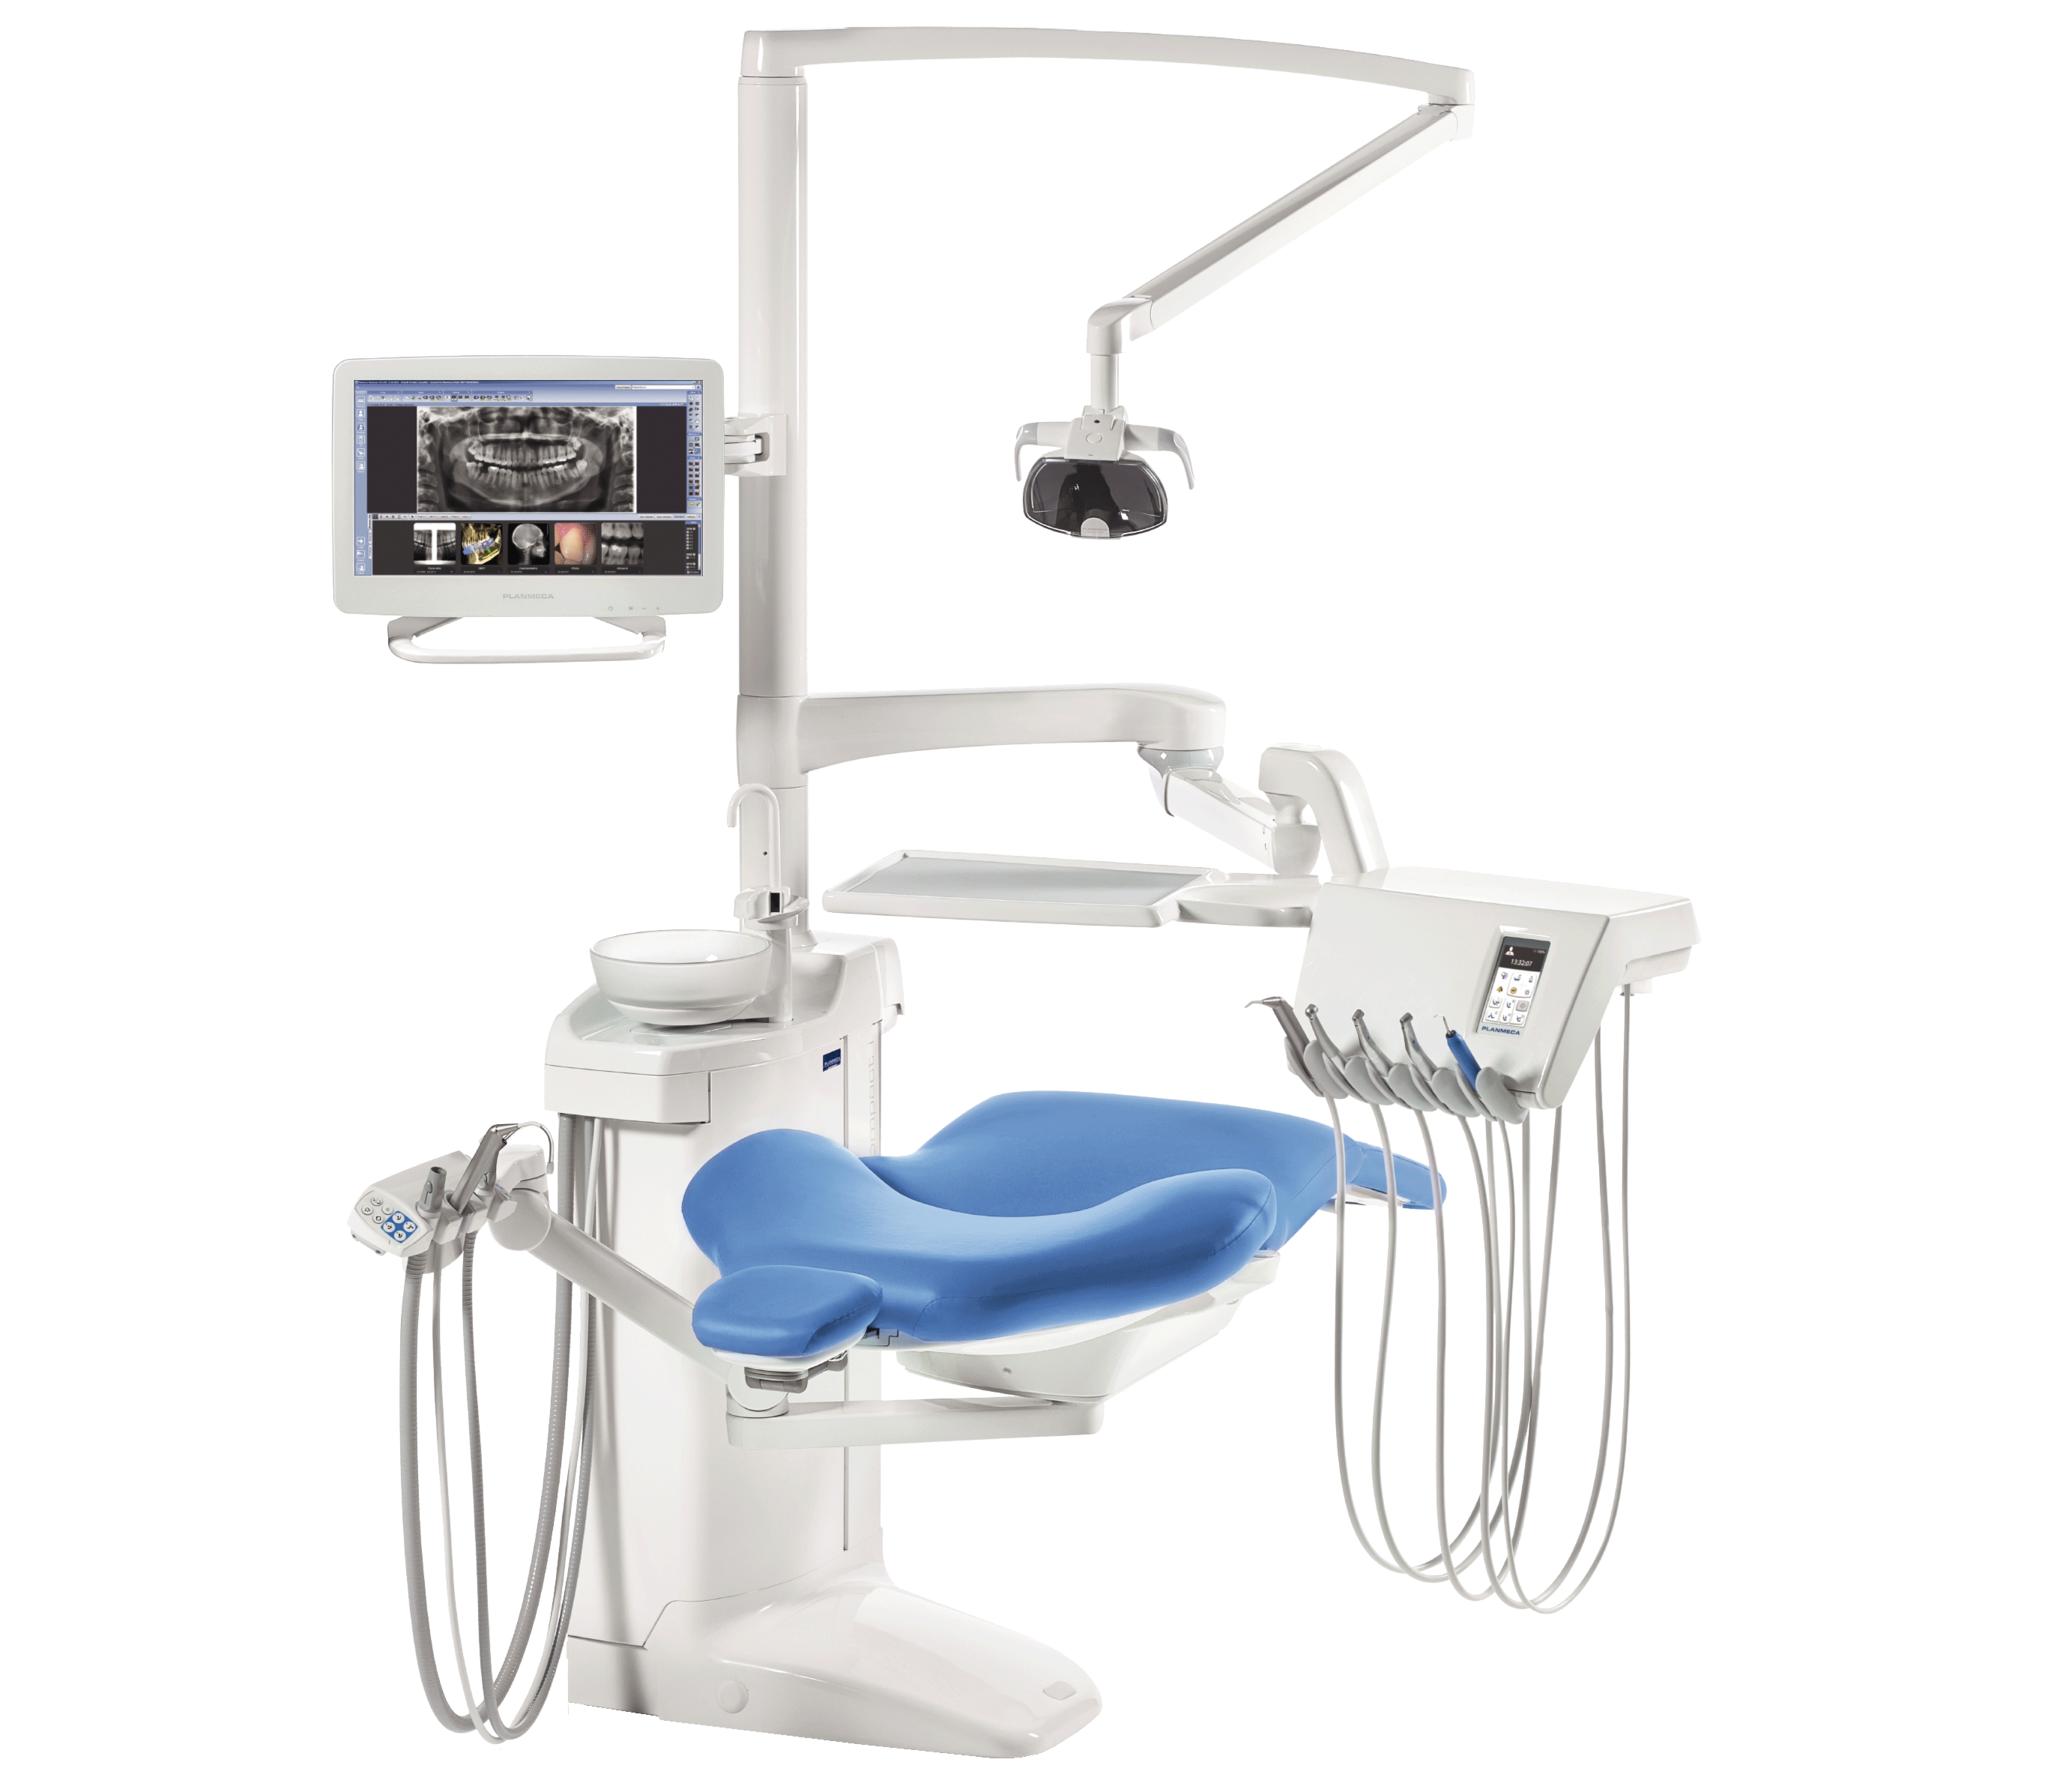 Compact iTouch установка стоматологическая Planmeca